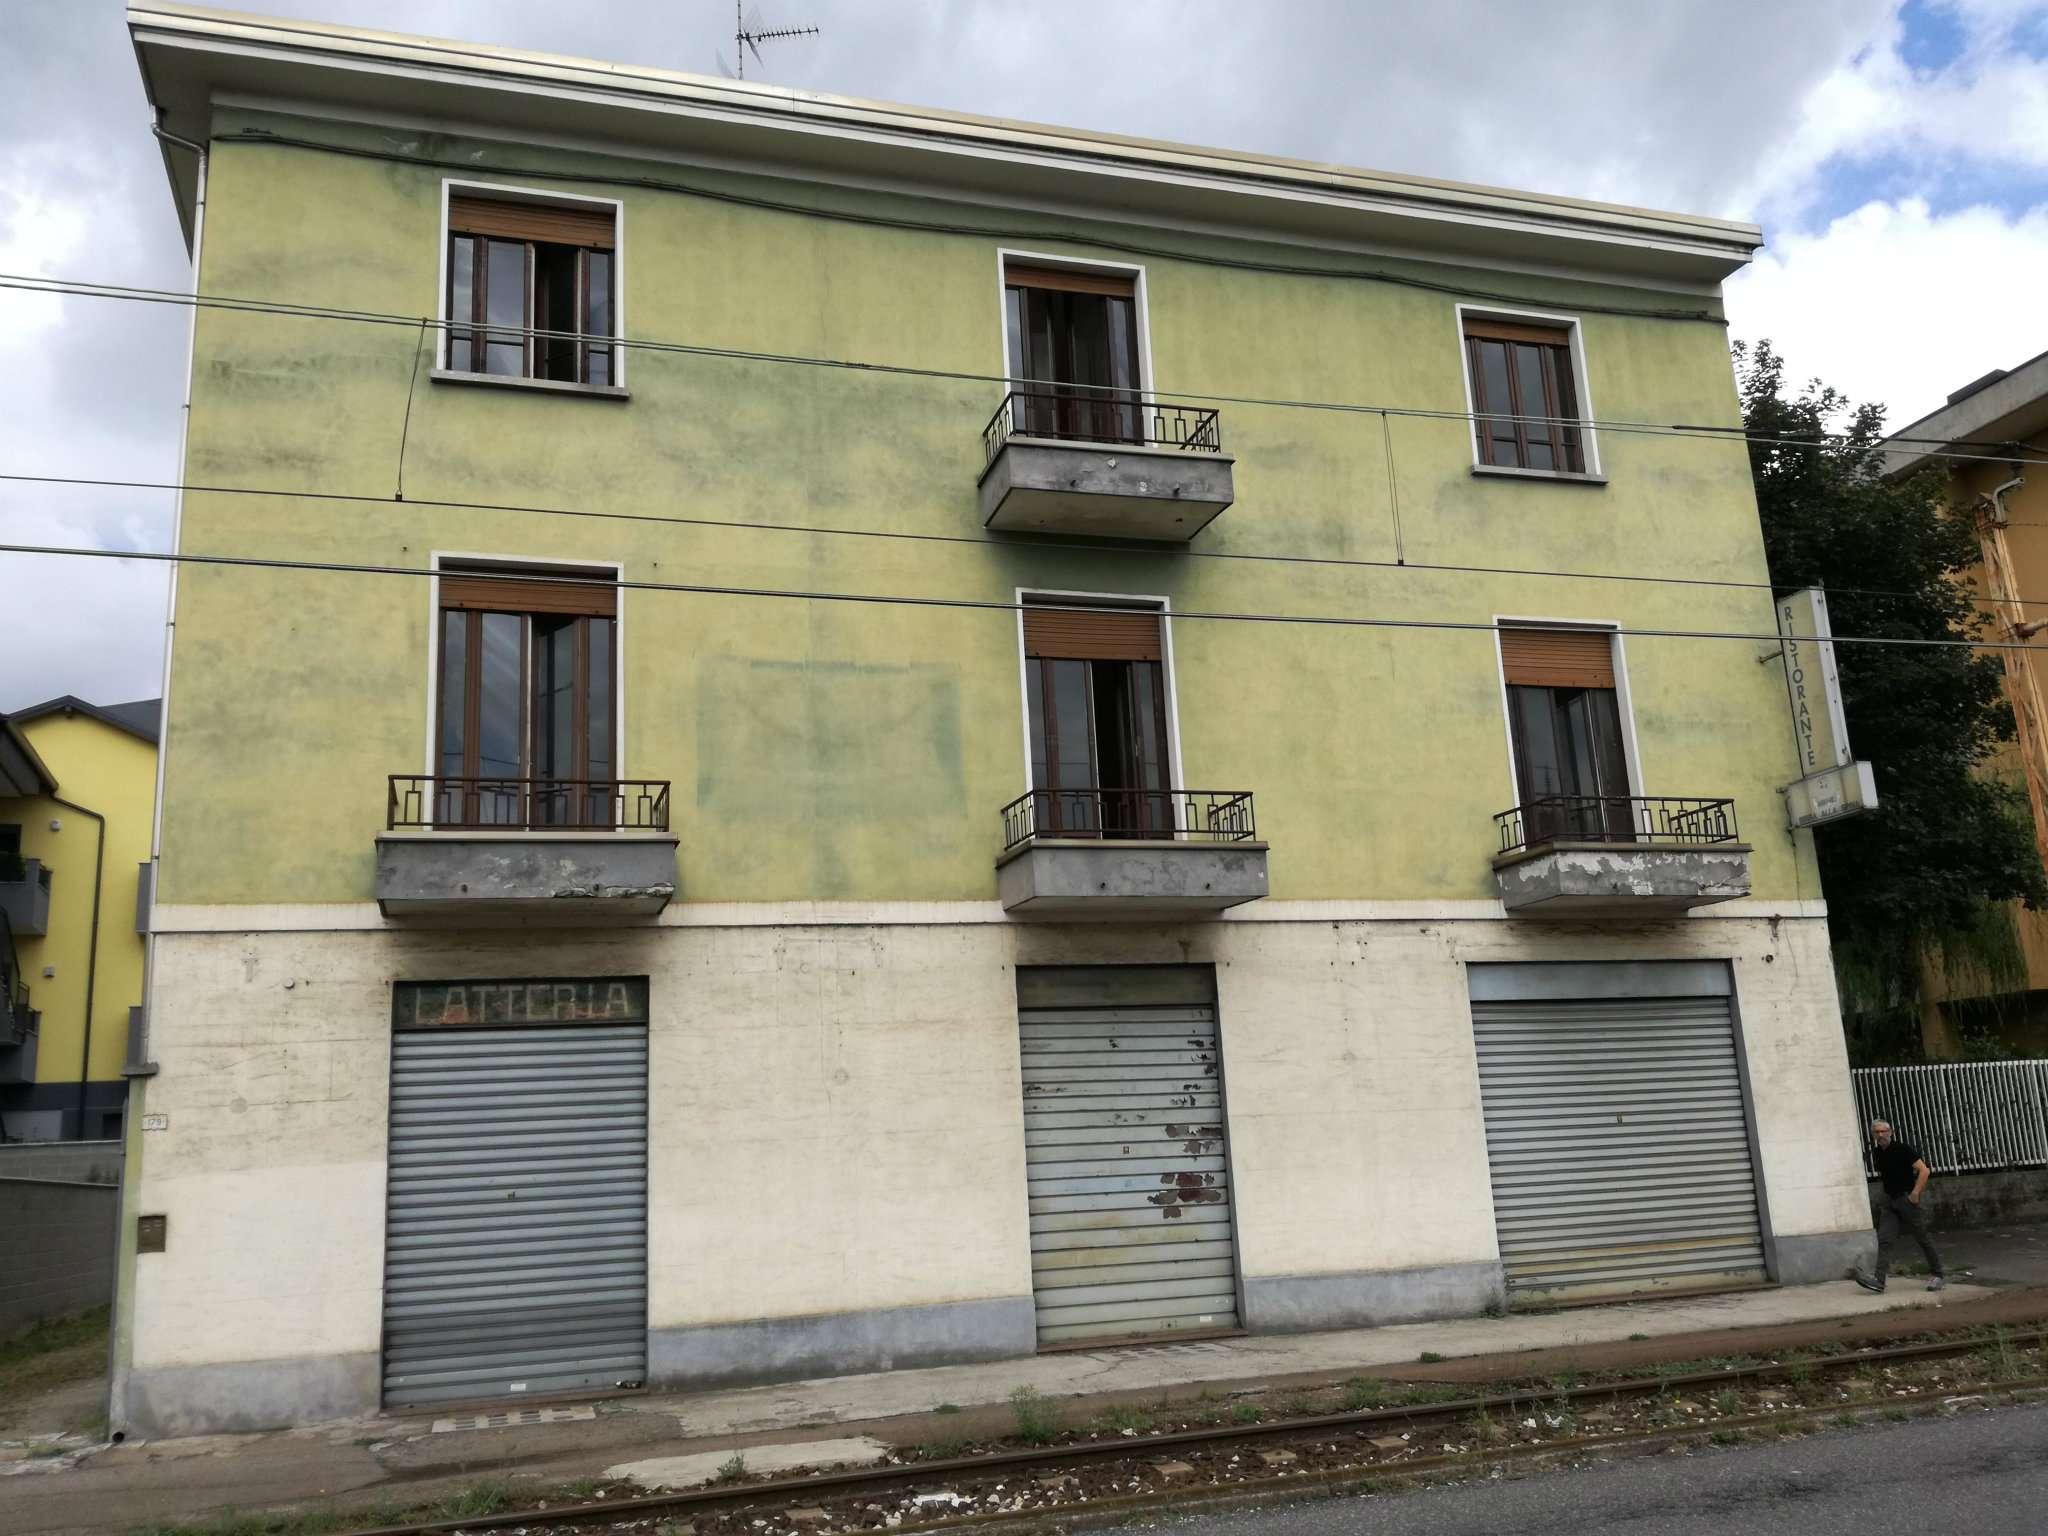 Palazzo / Stabile in vendita a Cormano, 11 locali, prezzo € 410.000 | CambioCasa.it